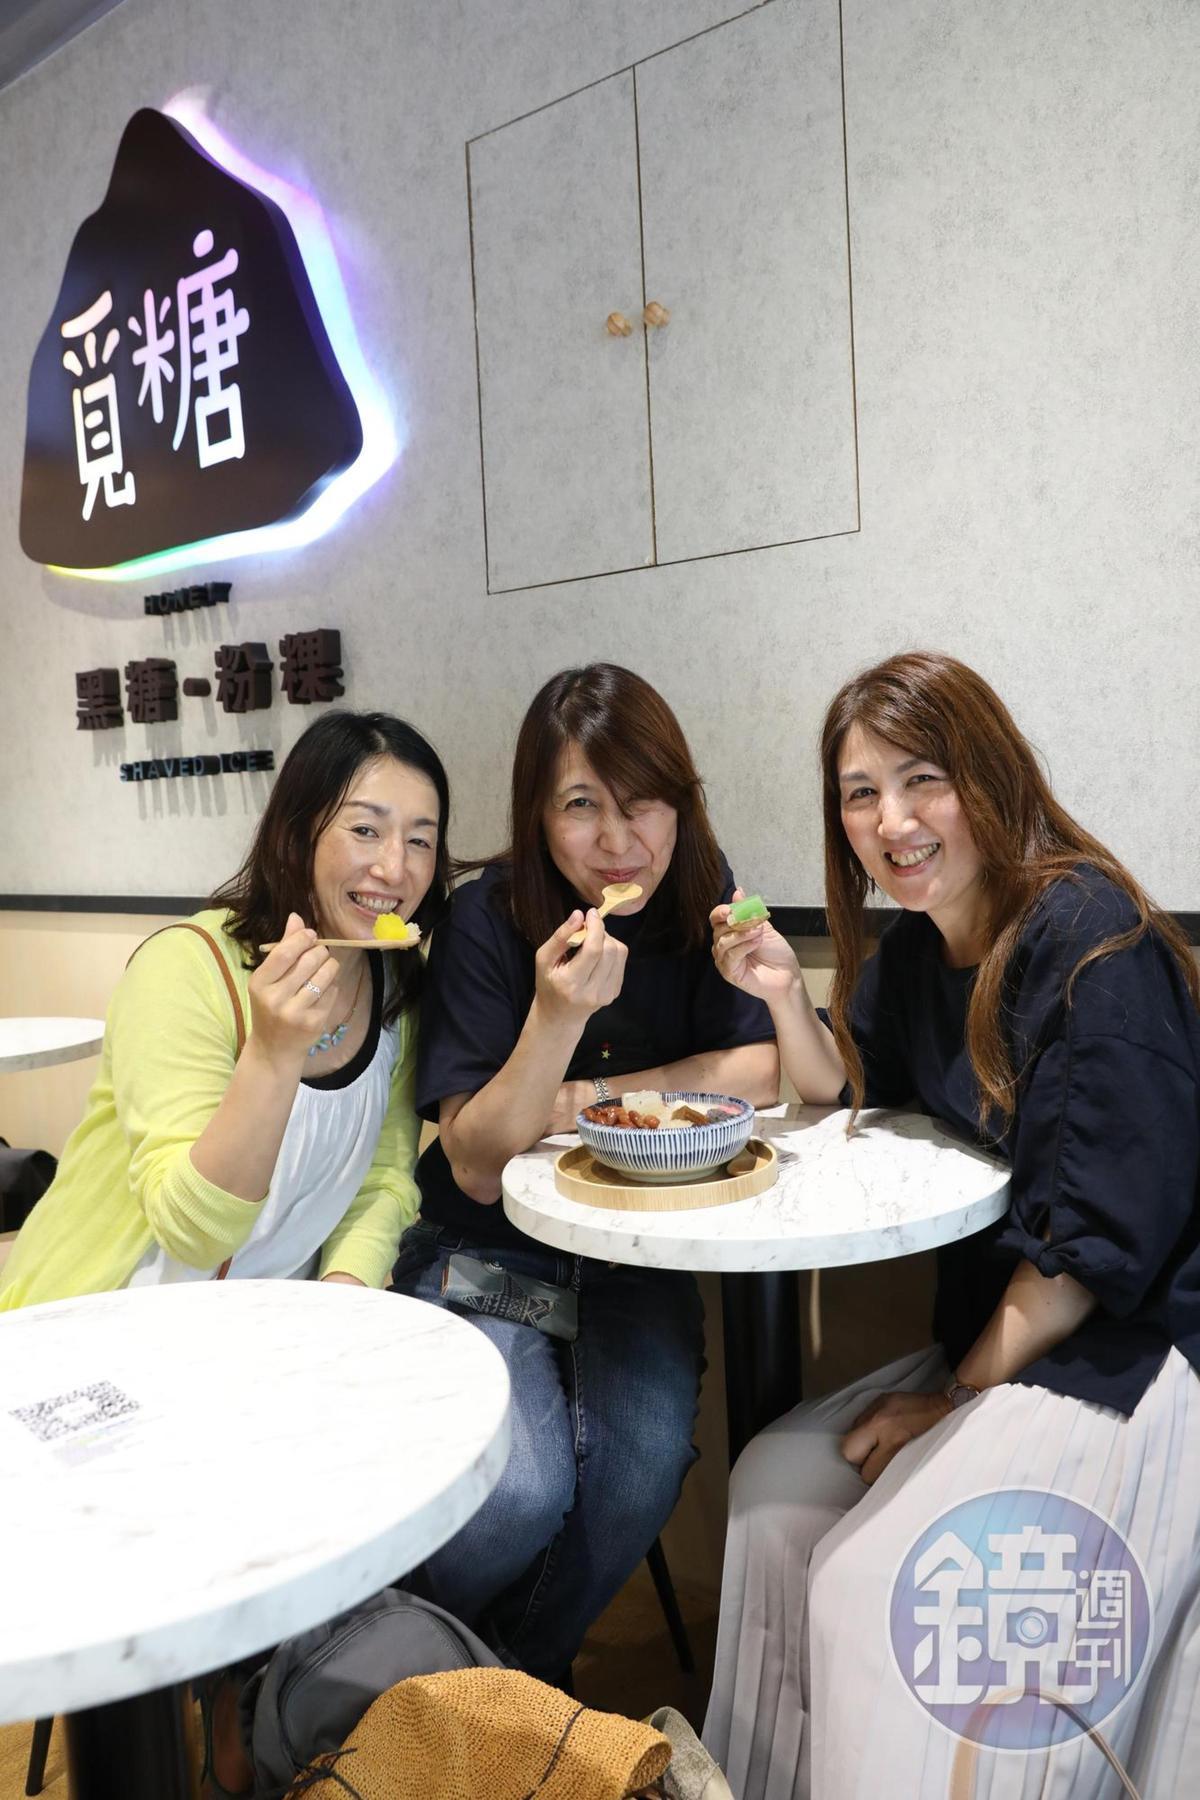 台灣粉粿的Q彈口感讓三位日本女子大呼新奇。